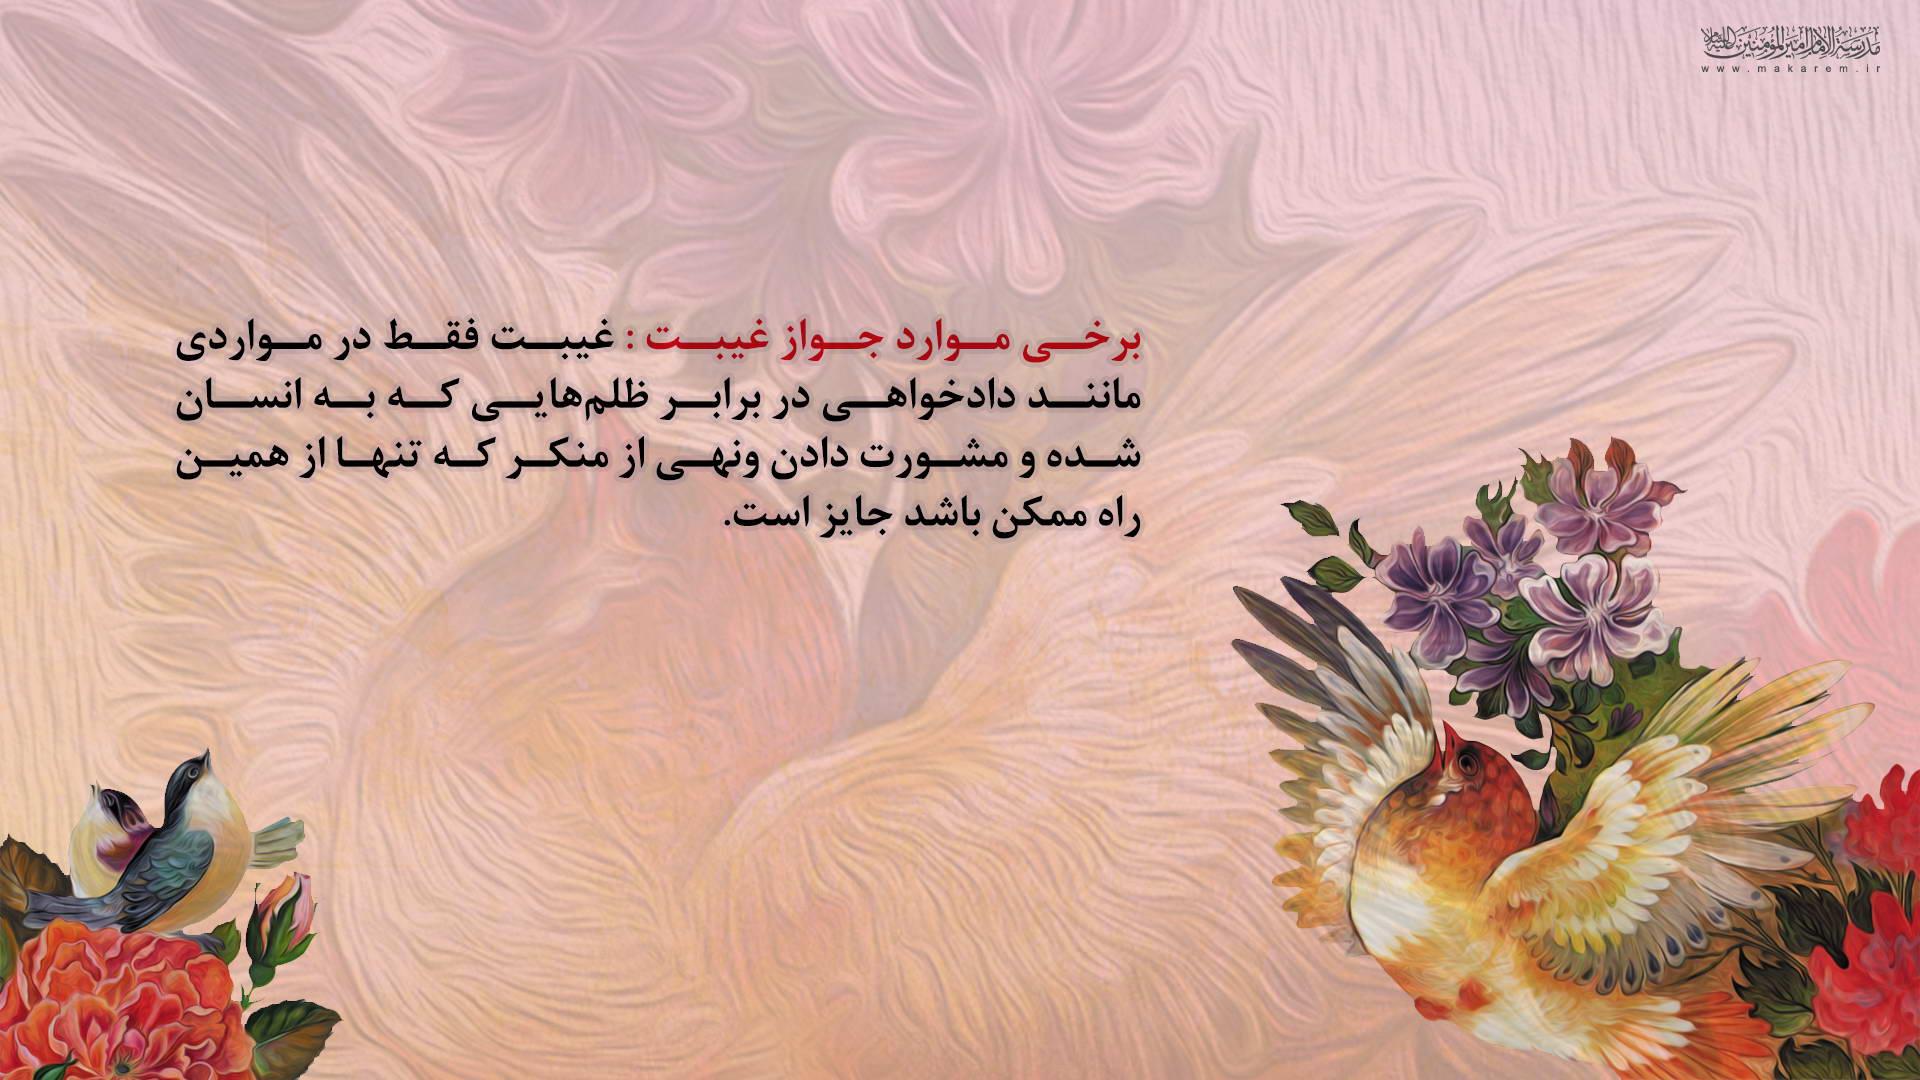 اخلاق-مدرسه الامام امیر المومنین (ع)